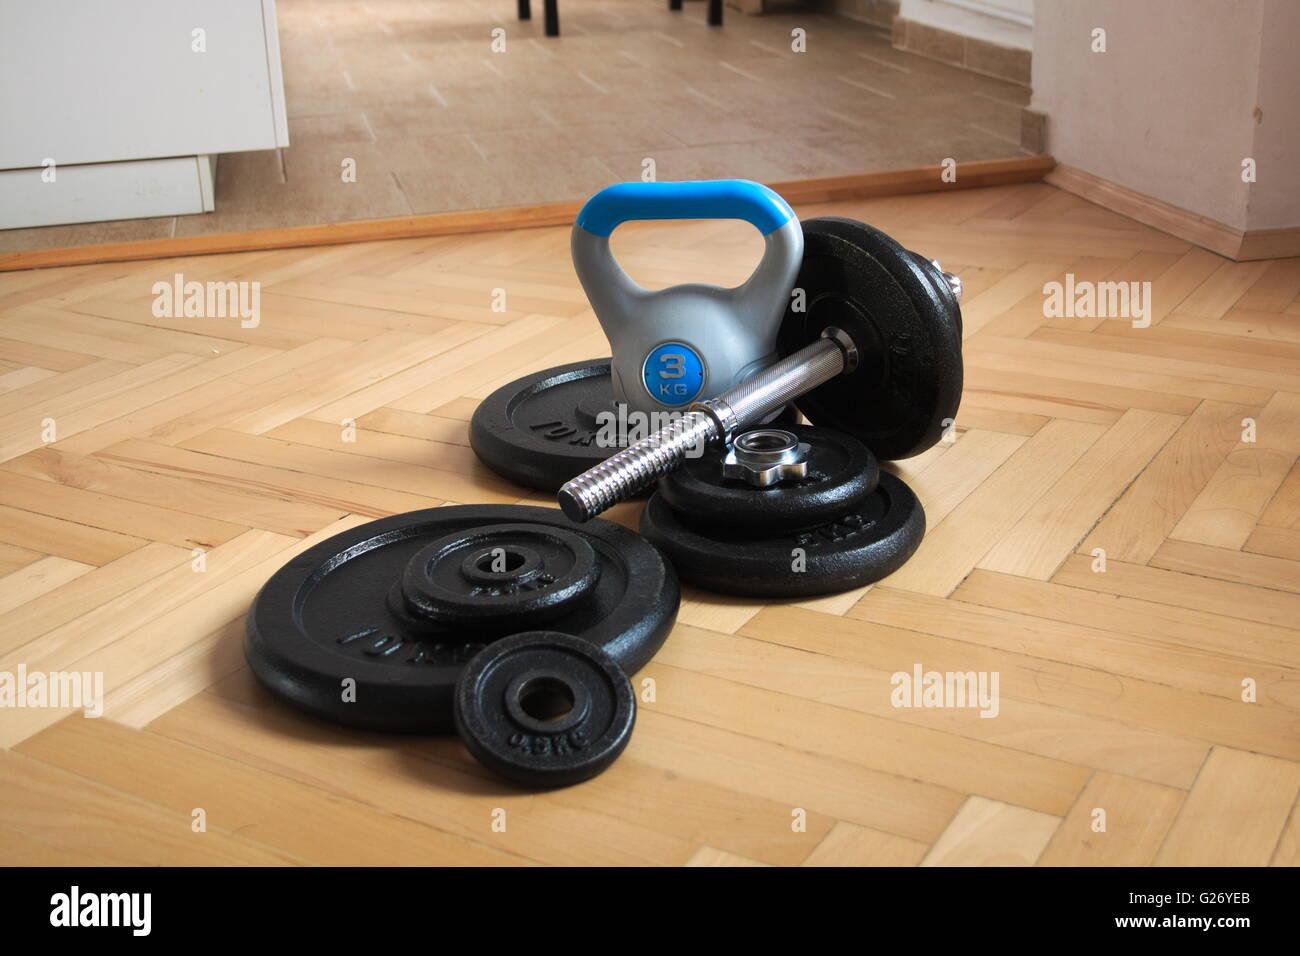 Utensili per la casa bodybuilding e fitness bollitore bell e 40 Kg per le esercitazioni e i pesi sono collocati Immagini Stock